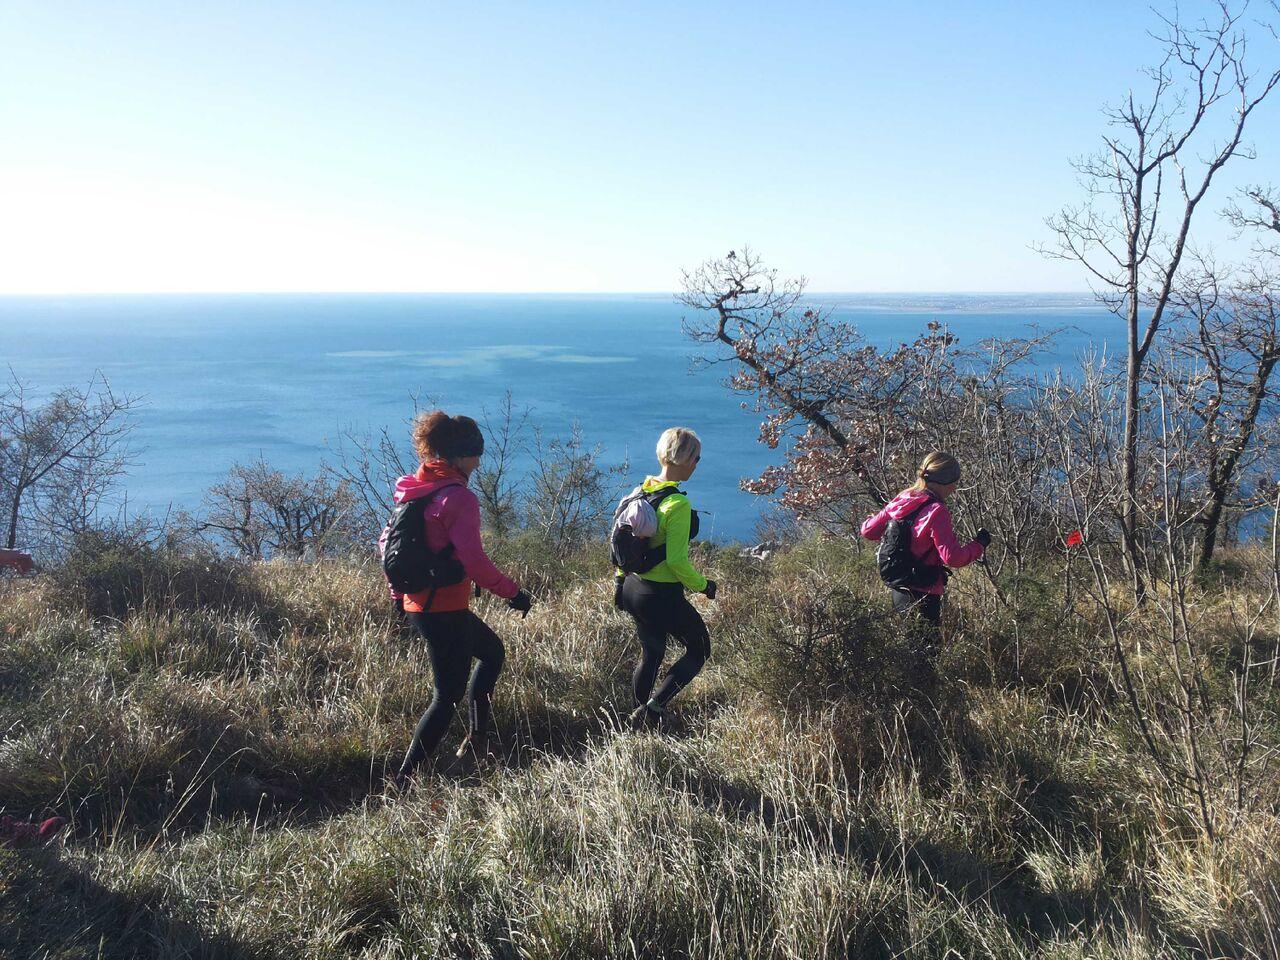 Calendario Fiasp Fvg.Trail Running Fvg La Corsa Della Bora Vola Verso I 1 200